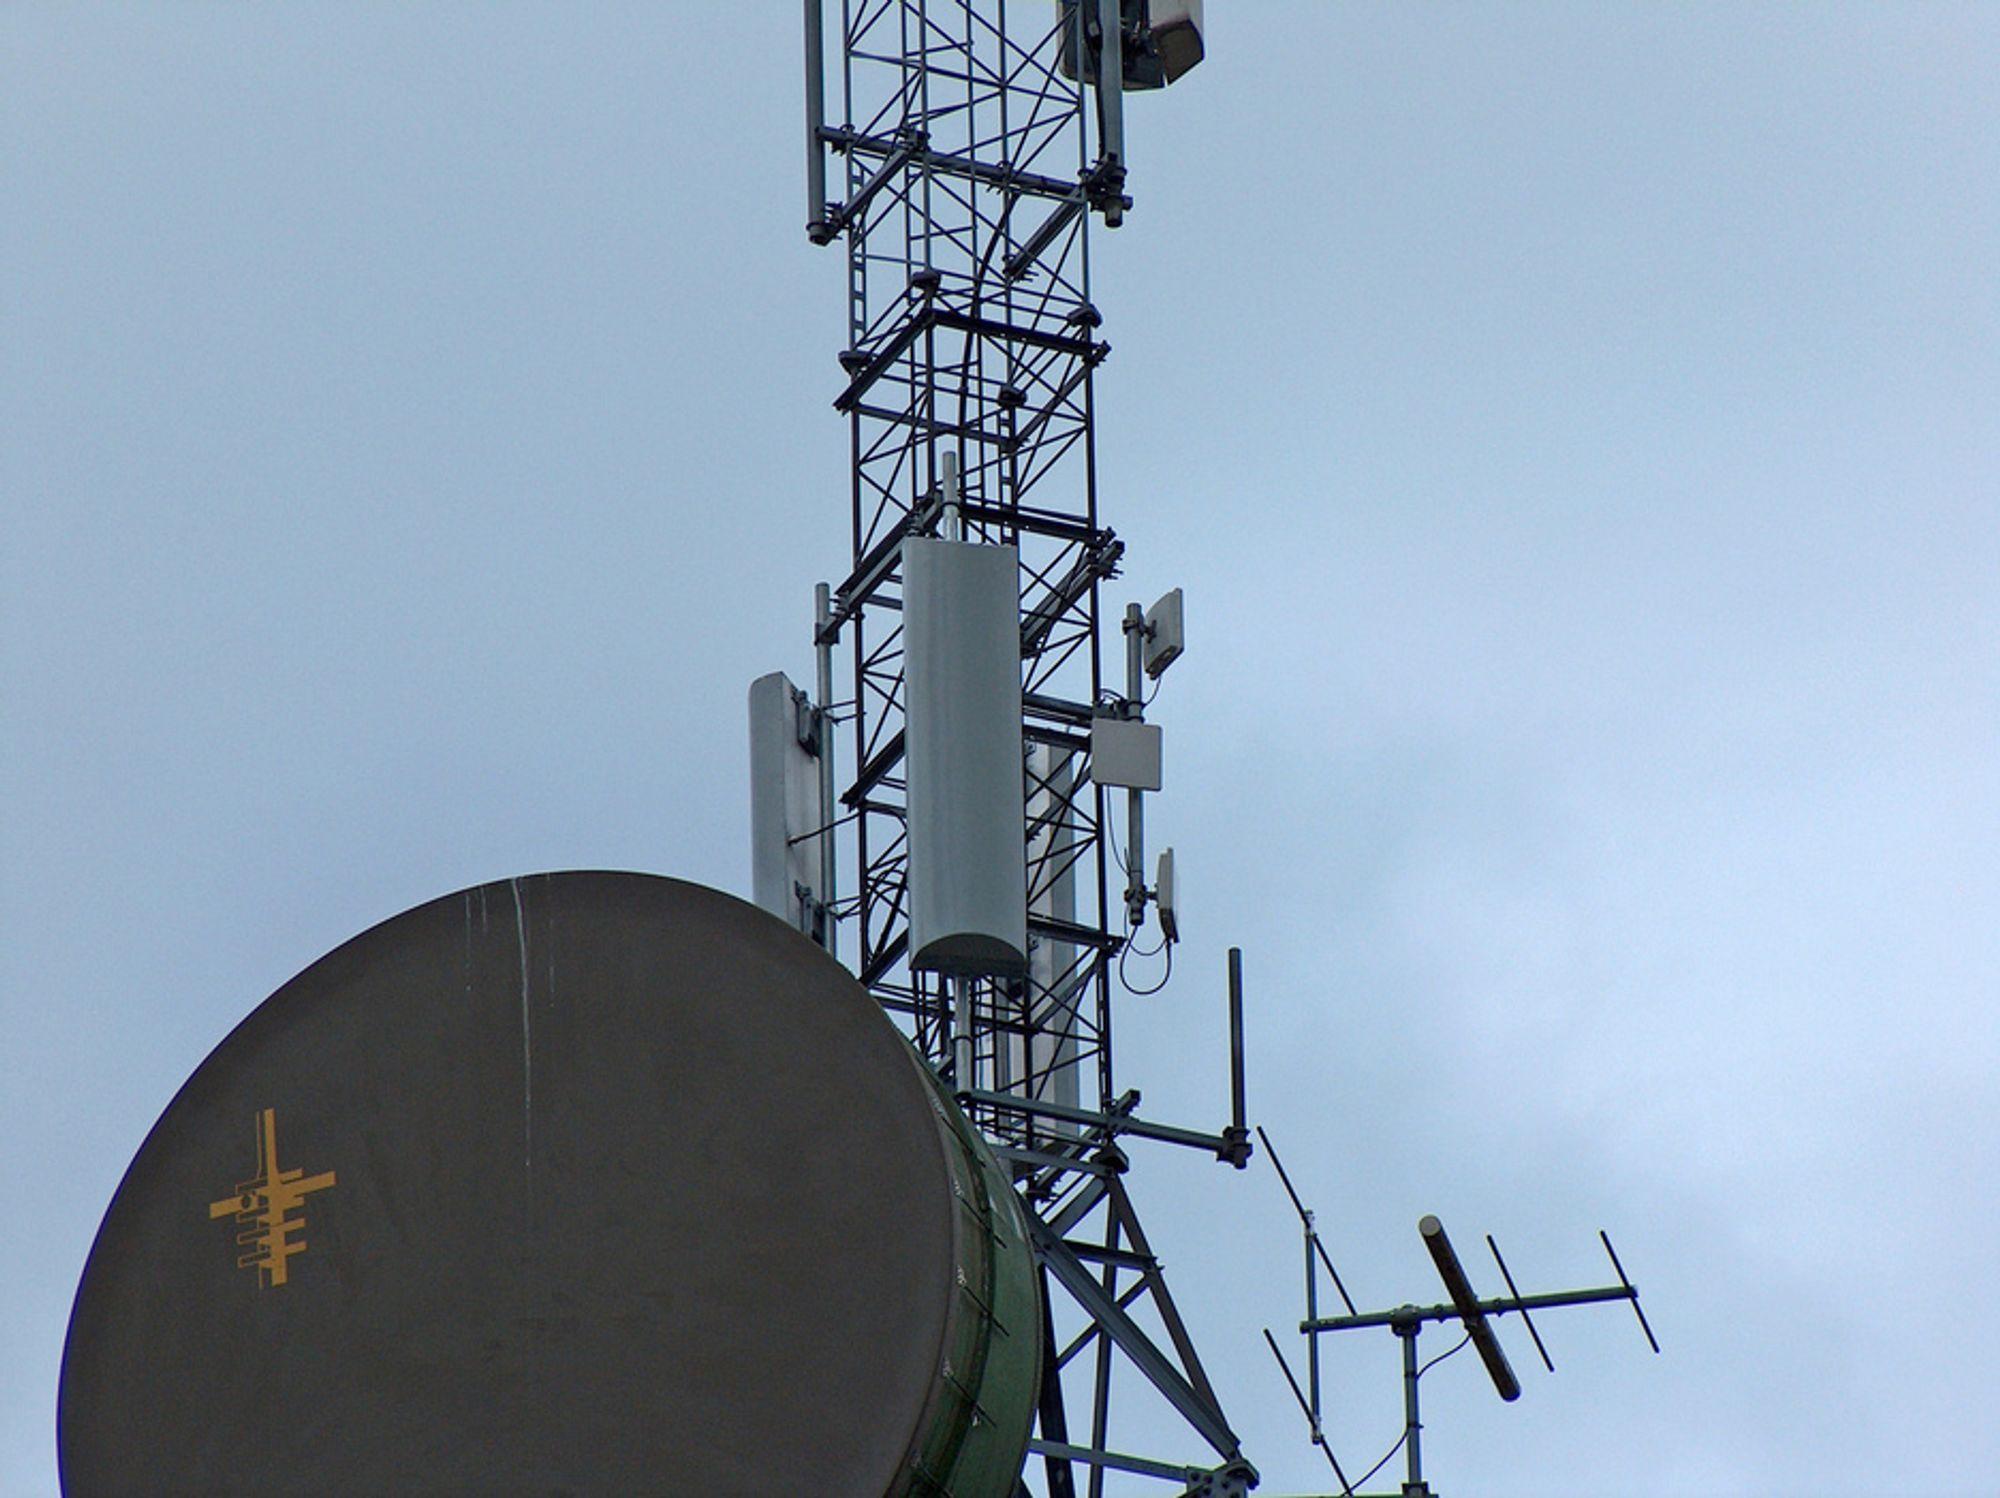 Det hardner til i det mobile bredbåndsmarkedet. Bildet viser en basestasjon for ICE - nettet som bruker de gamle NMT-frekvensene.